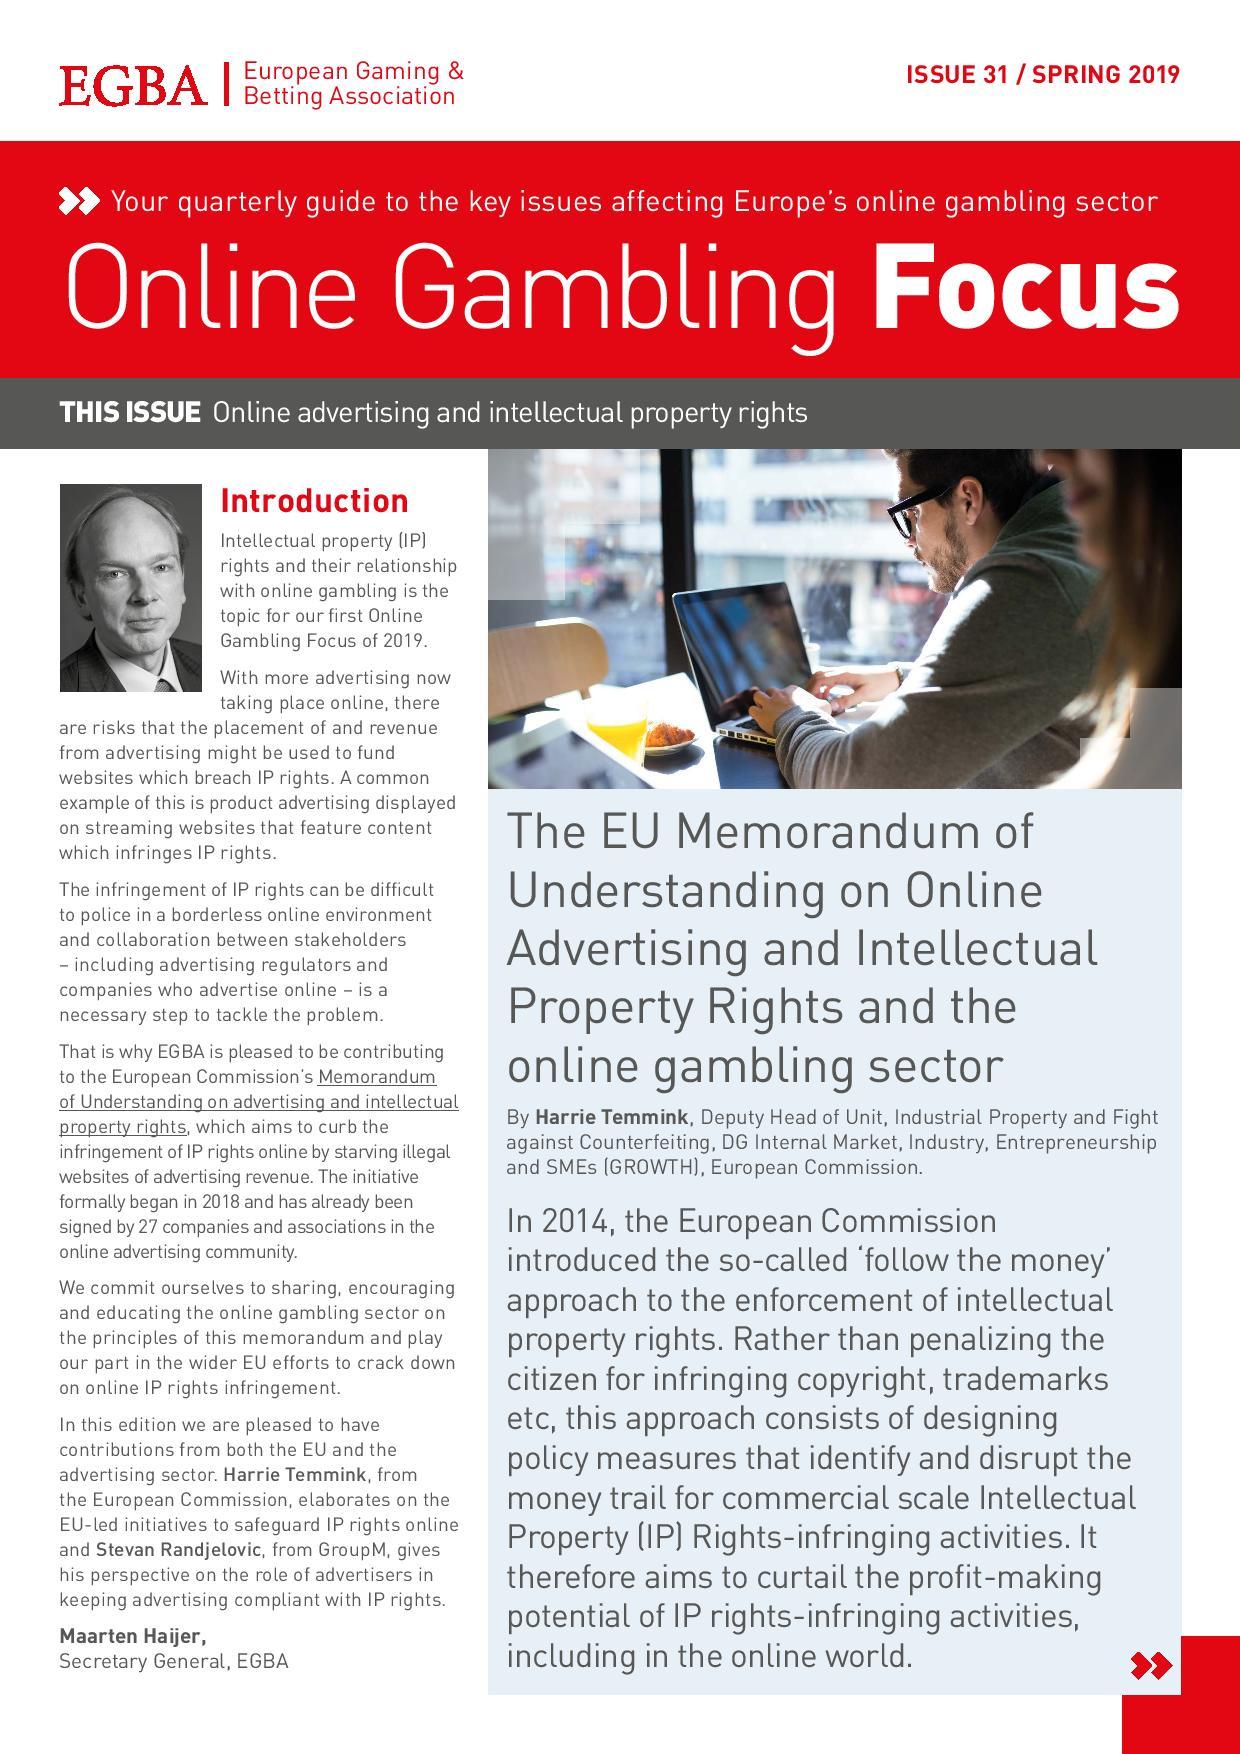 Online Gambling Focus - Spring 2019